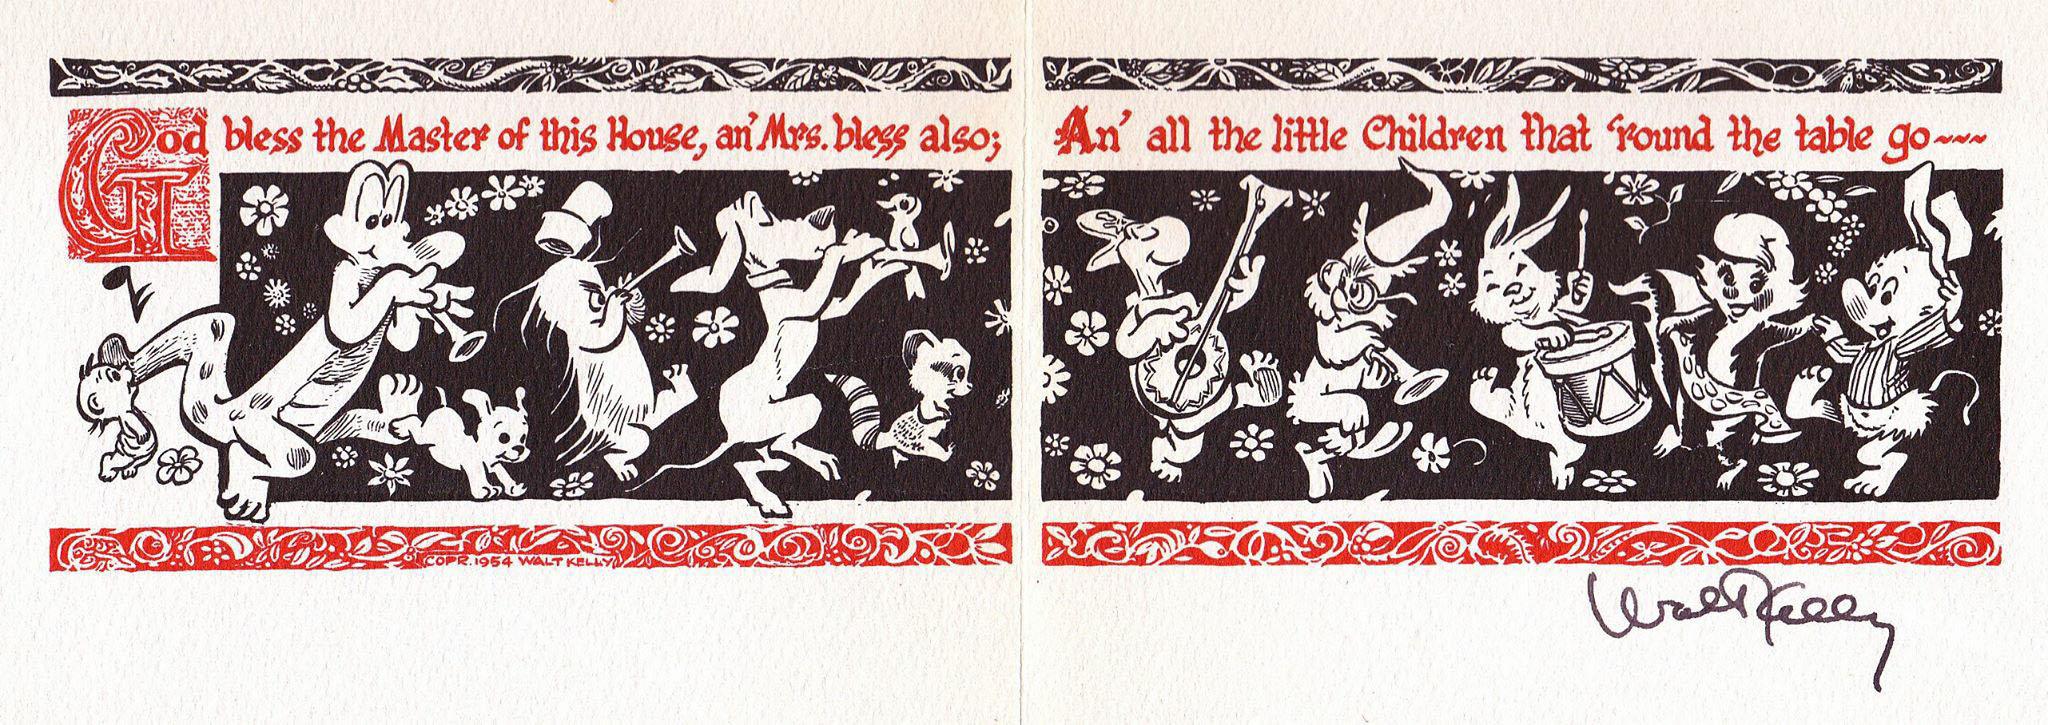 walt-kelly-card.jpg